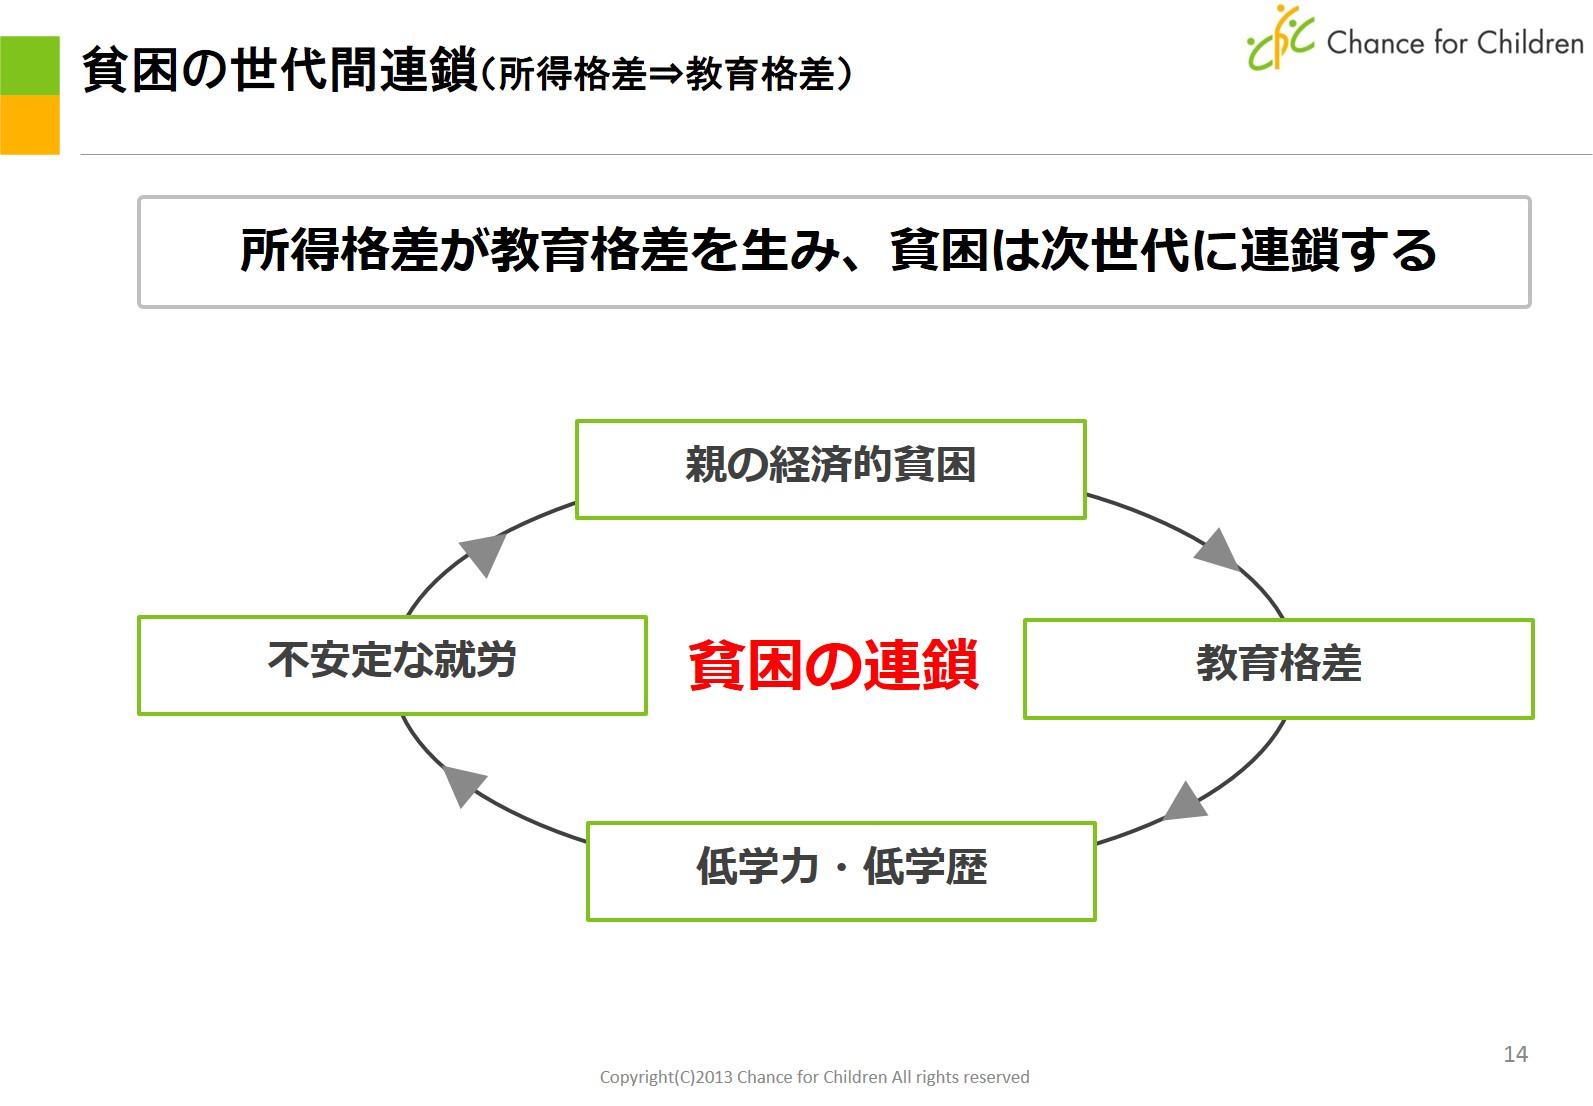 貧困が連鎖していく負の螺旋ループ